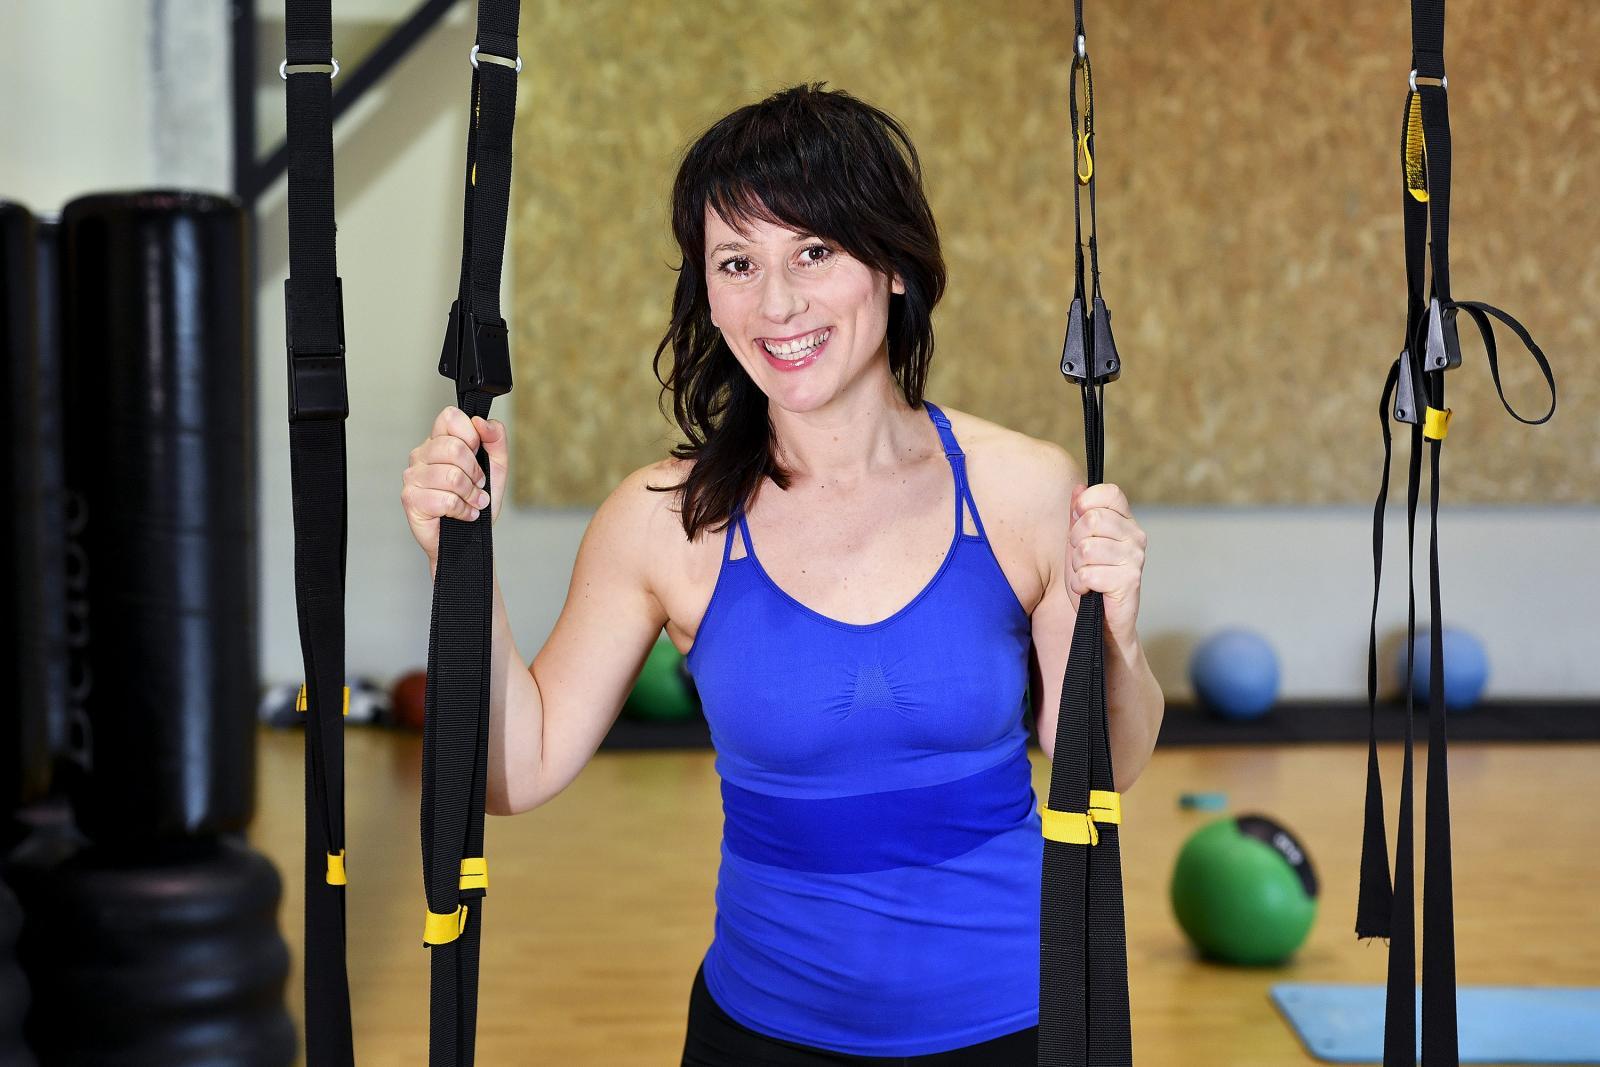 Nije cilj samo imati manje kilograma, cilj je ojačati tijelo, podići kondiciju i zdravo mršavjeti.